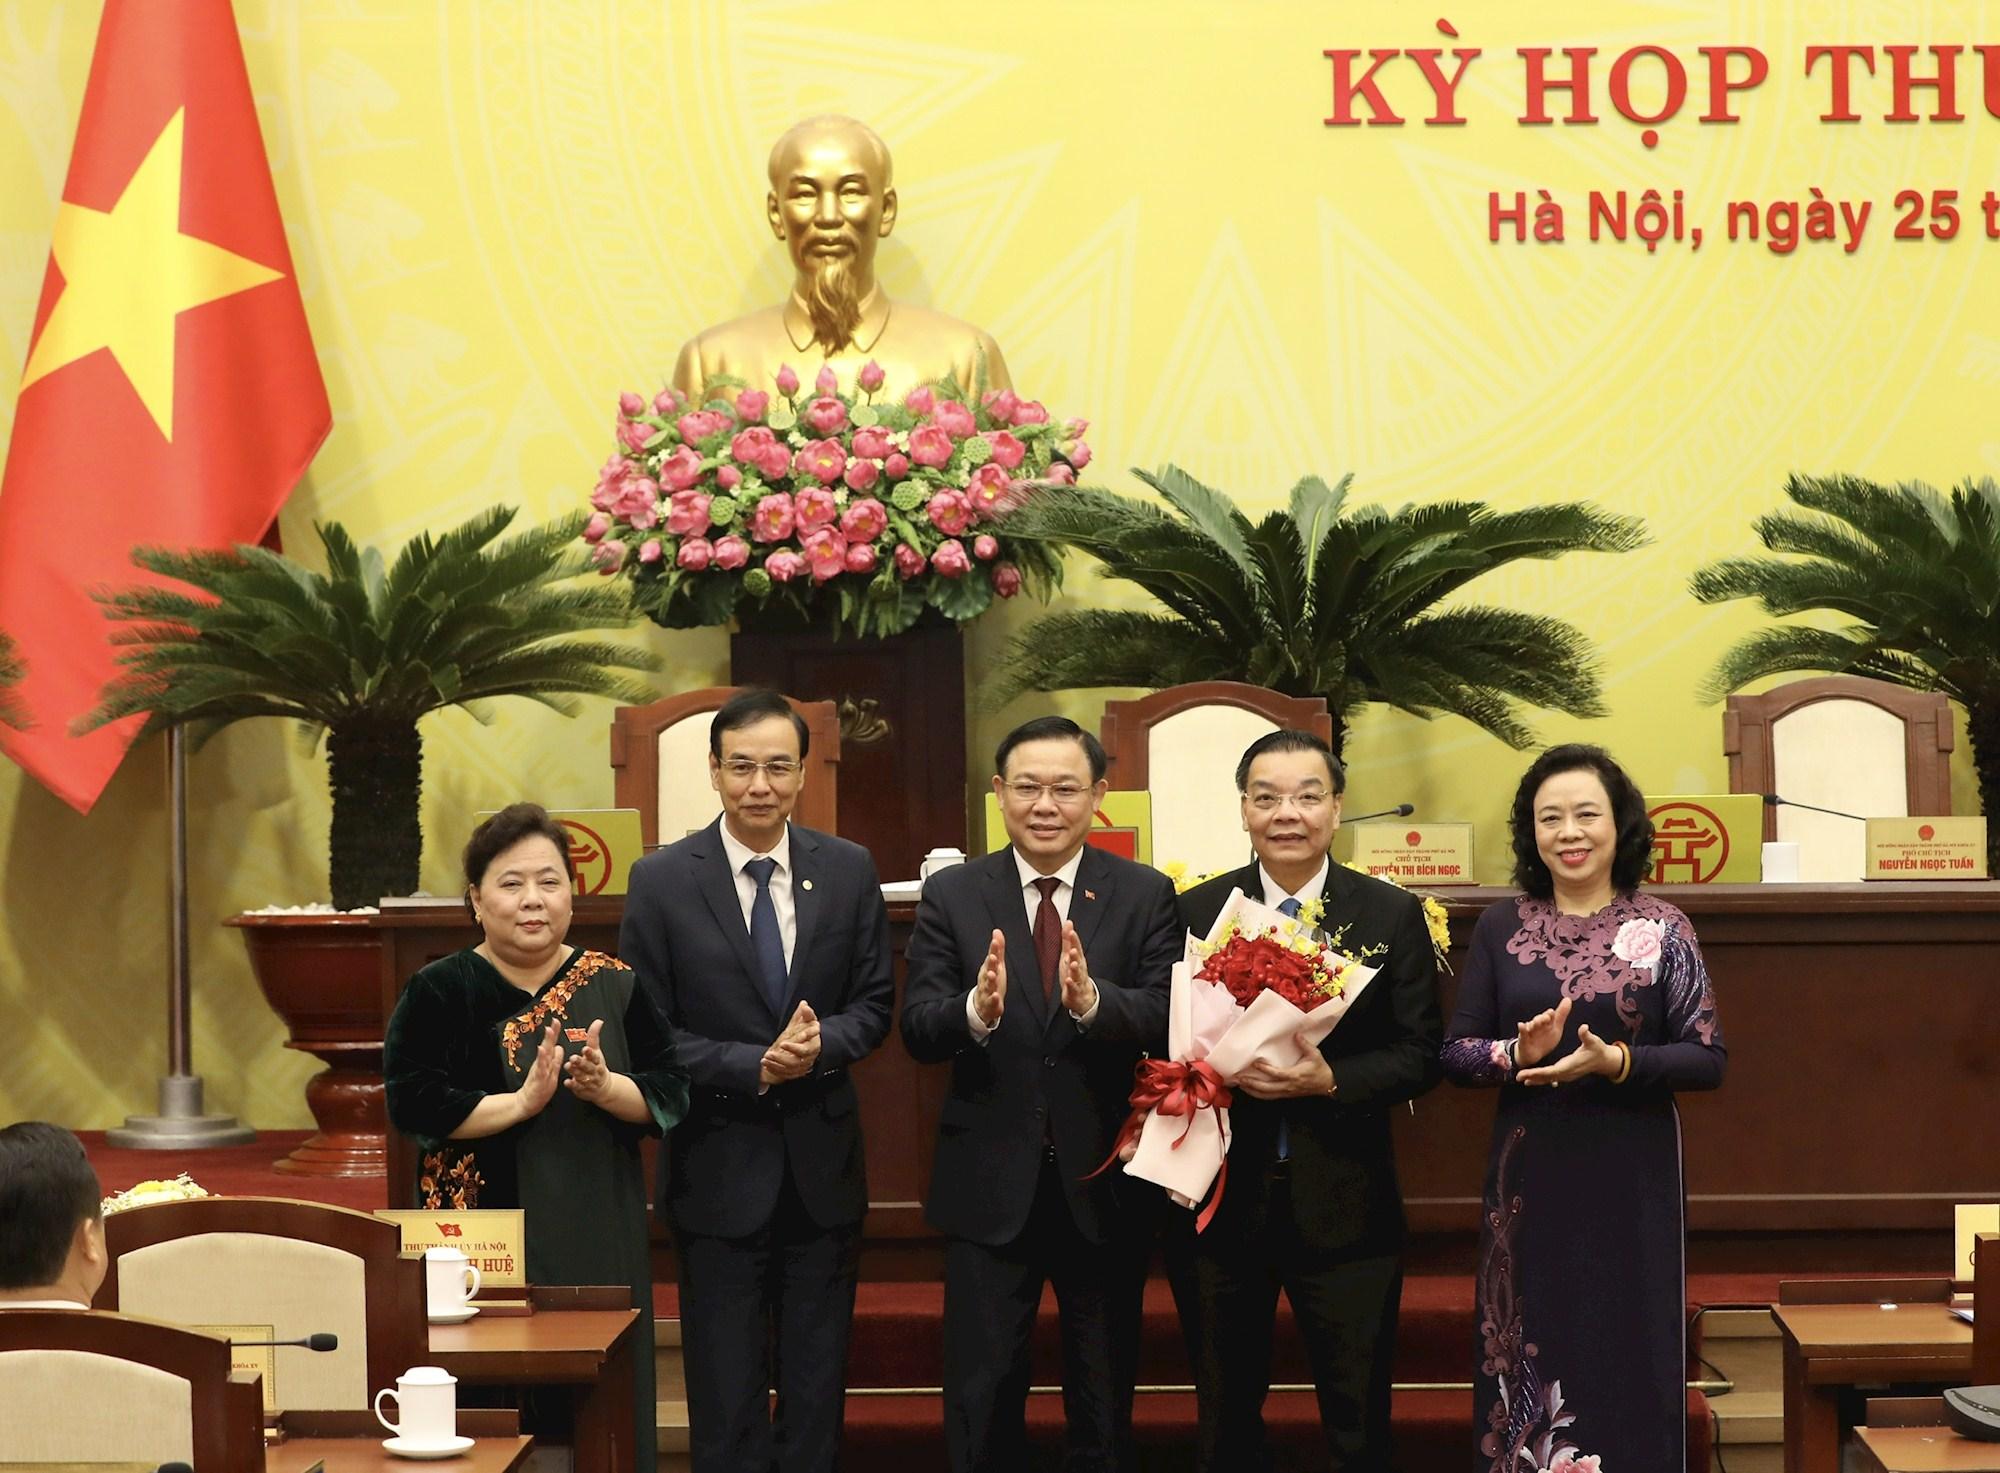 Ông Chu Ngọc Anh được bầu làm Chủ tịch UBND thành phố Hà Nội